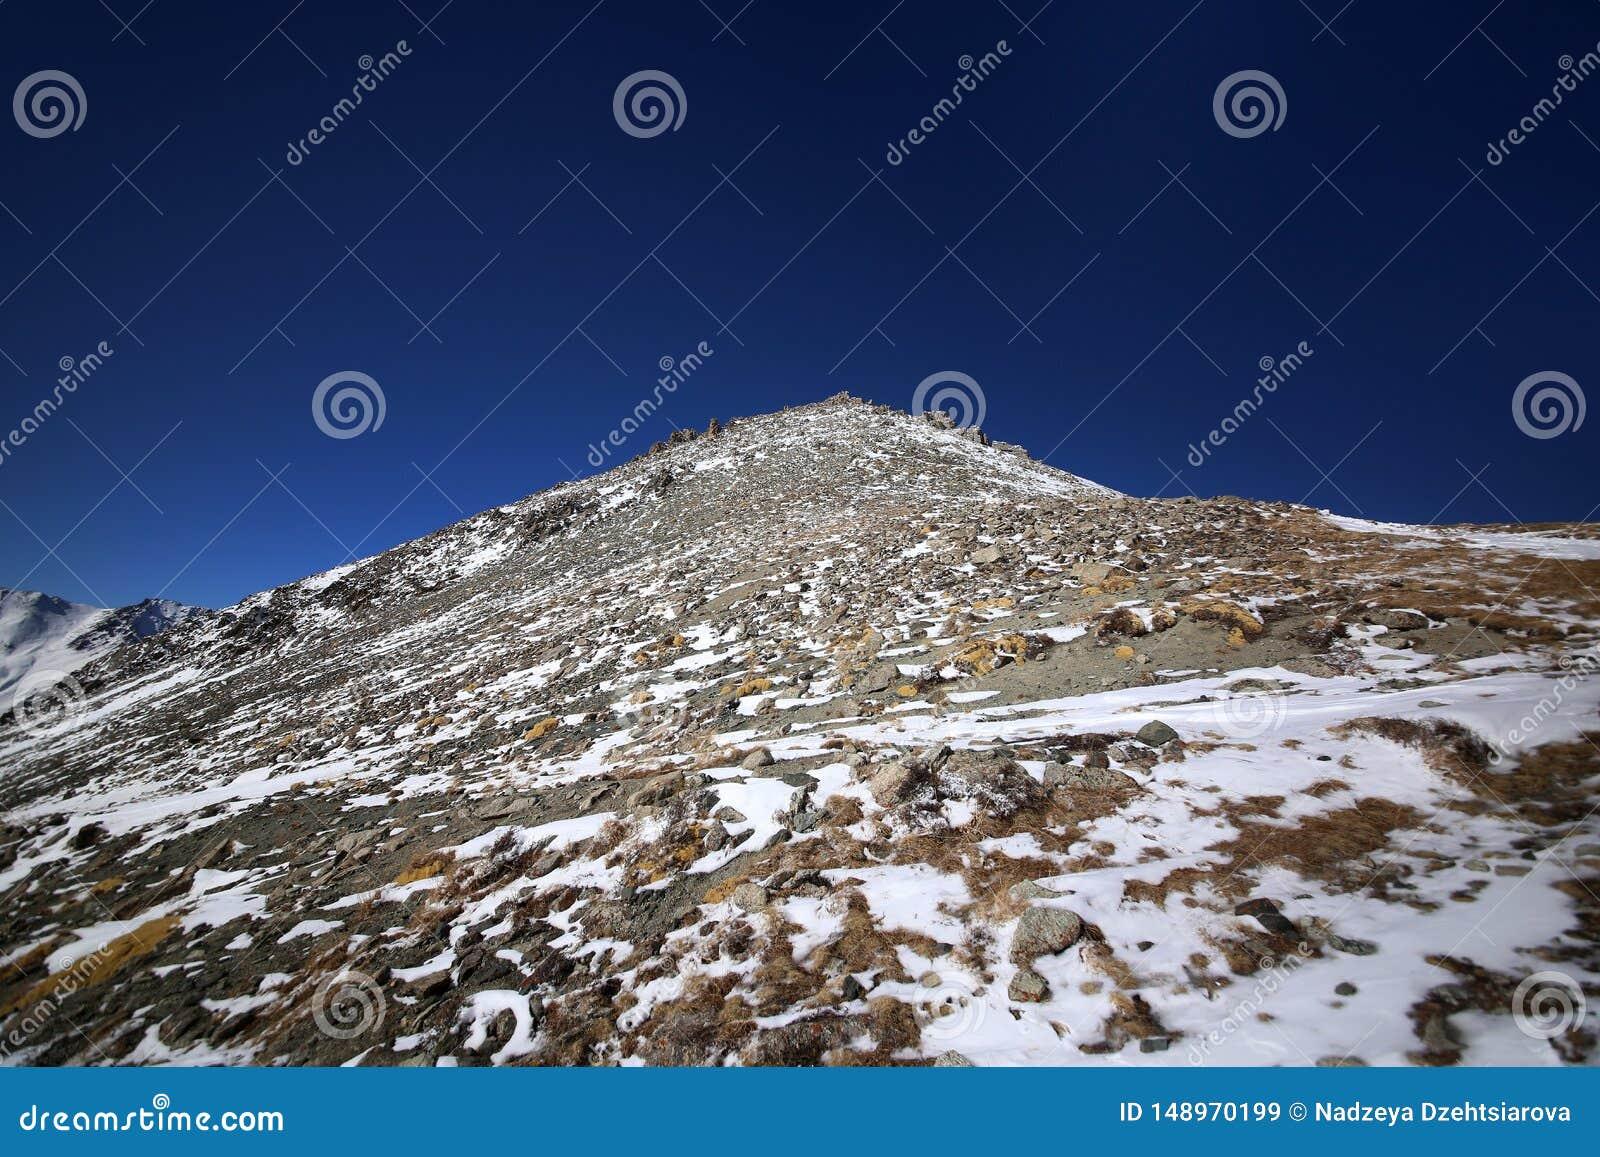 Stort Almaty maximum